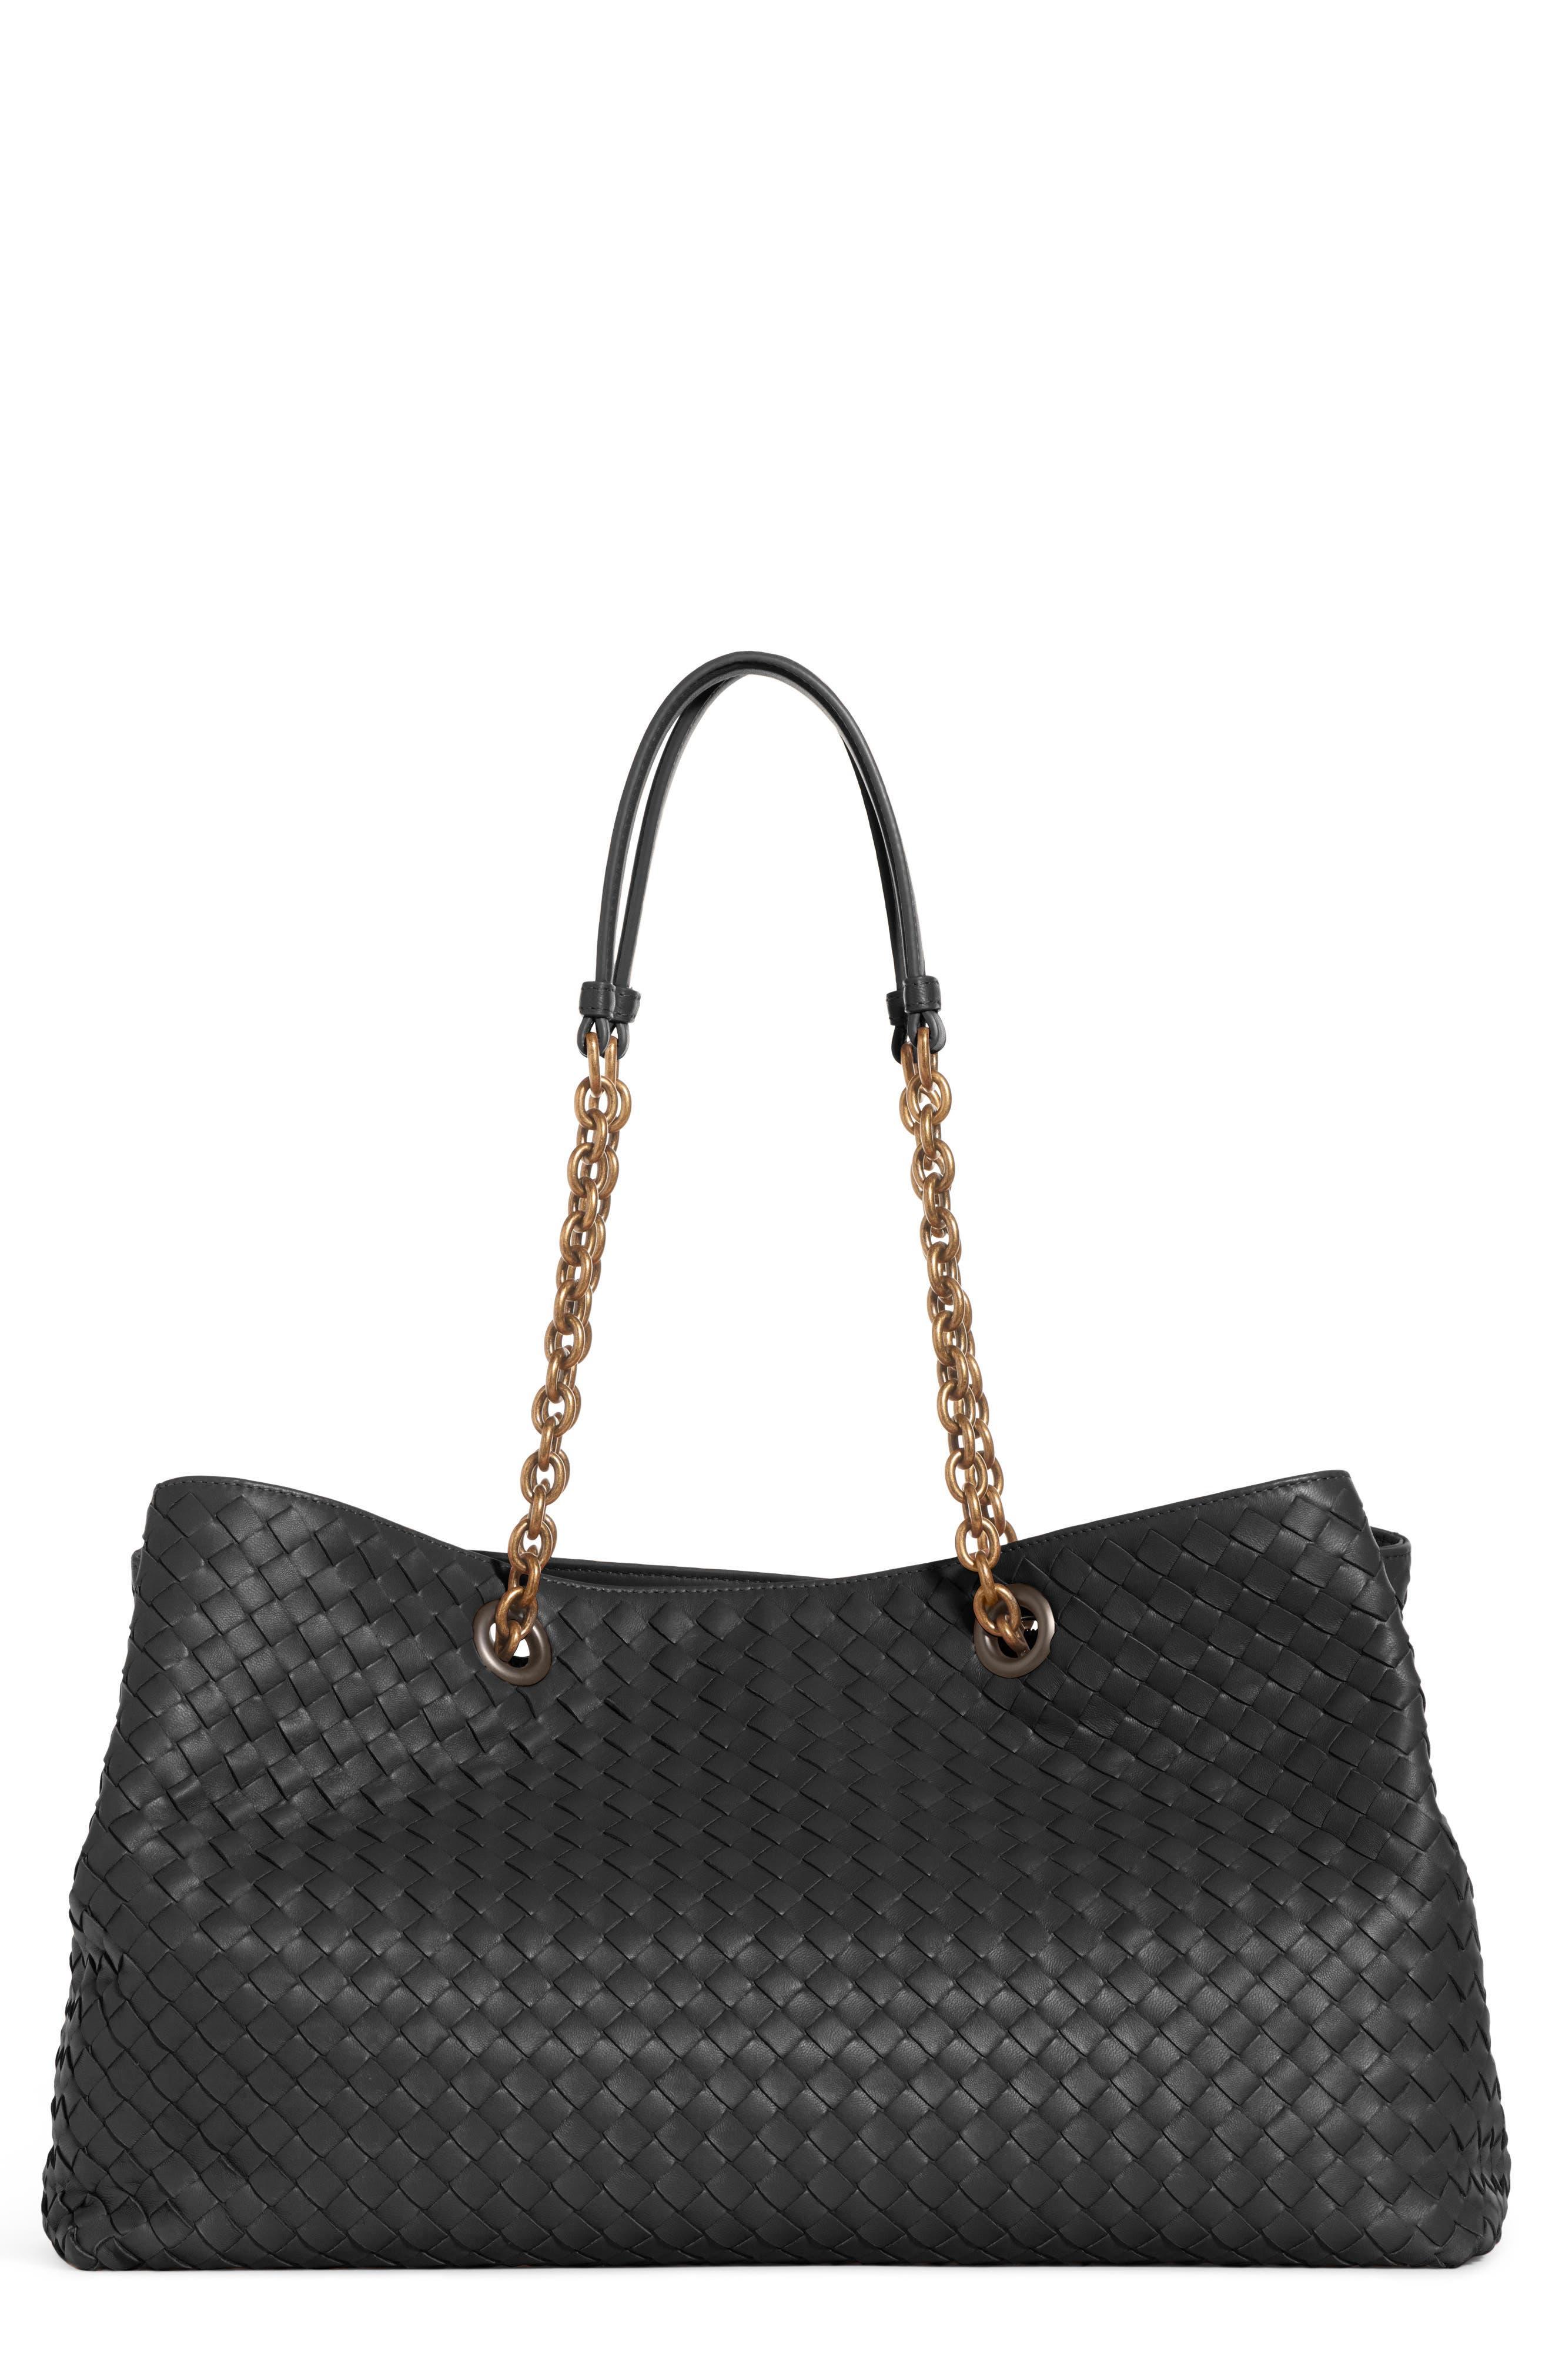 Bottega Veneta Medium Intrecciato Leather Tote Bag